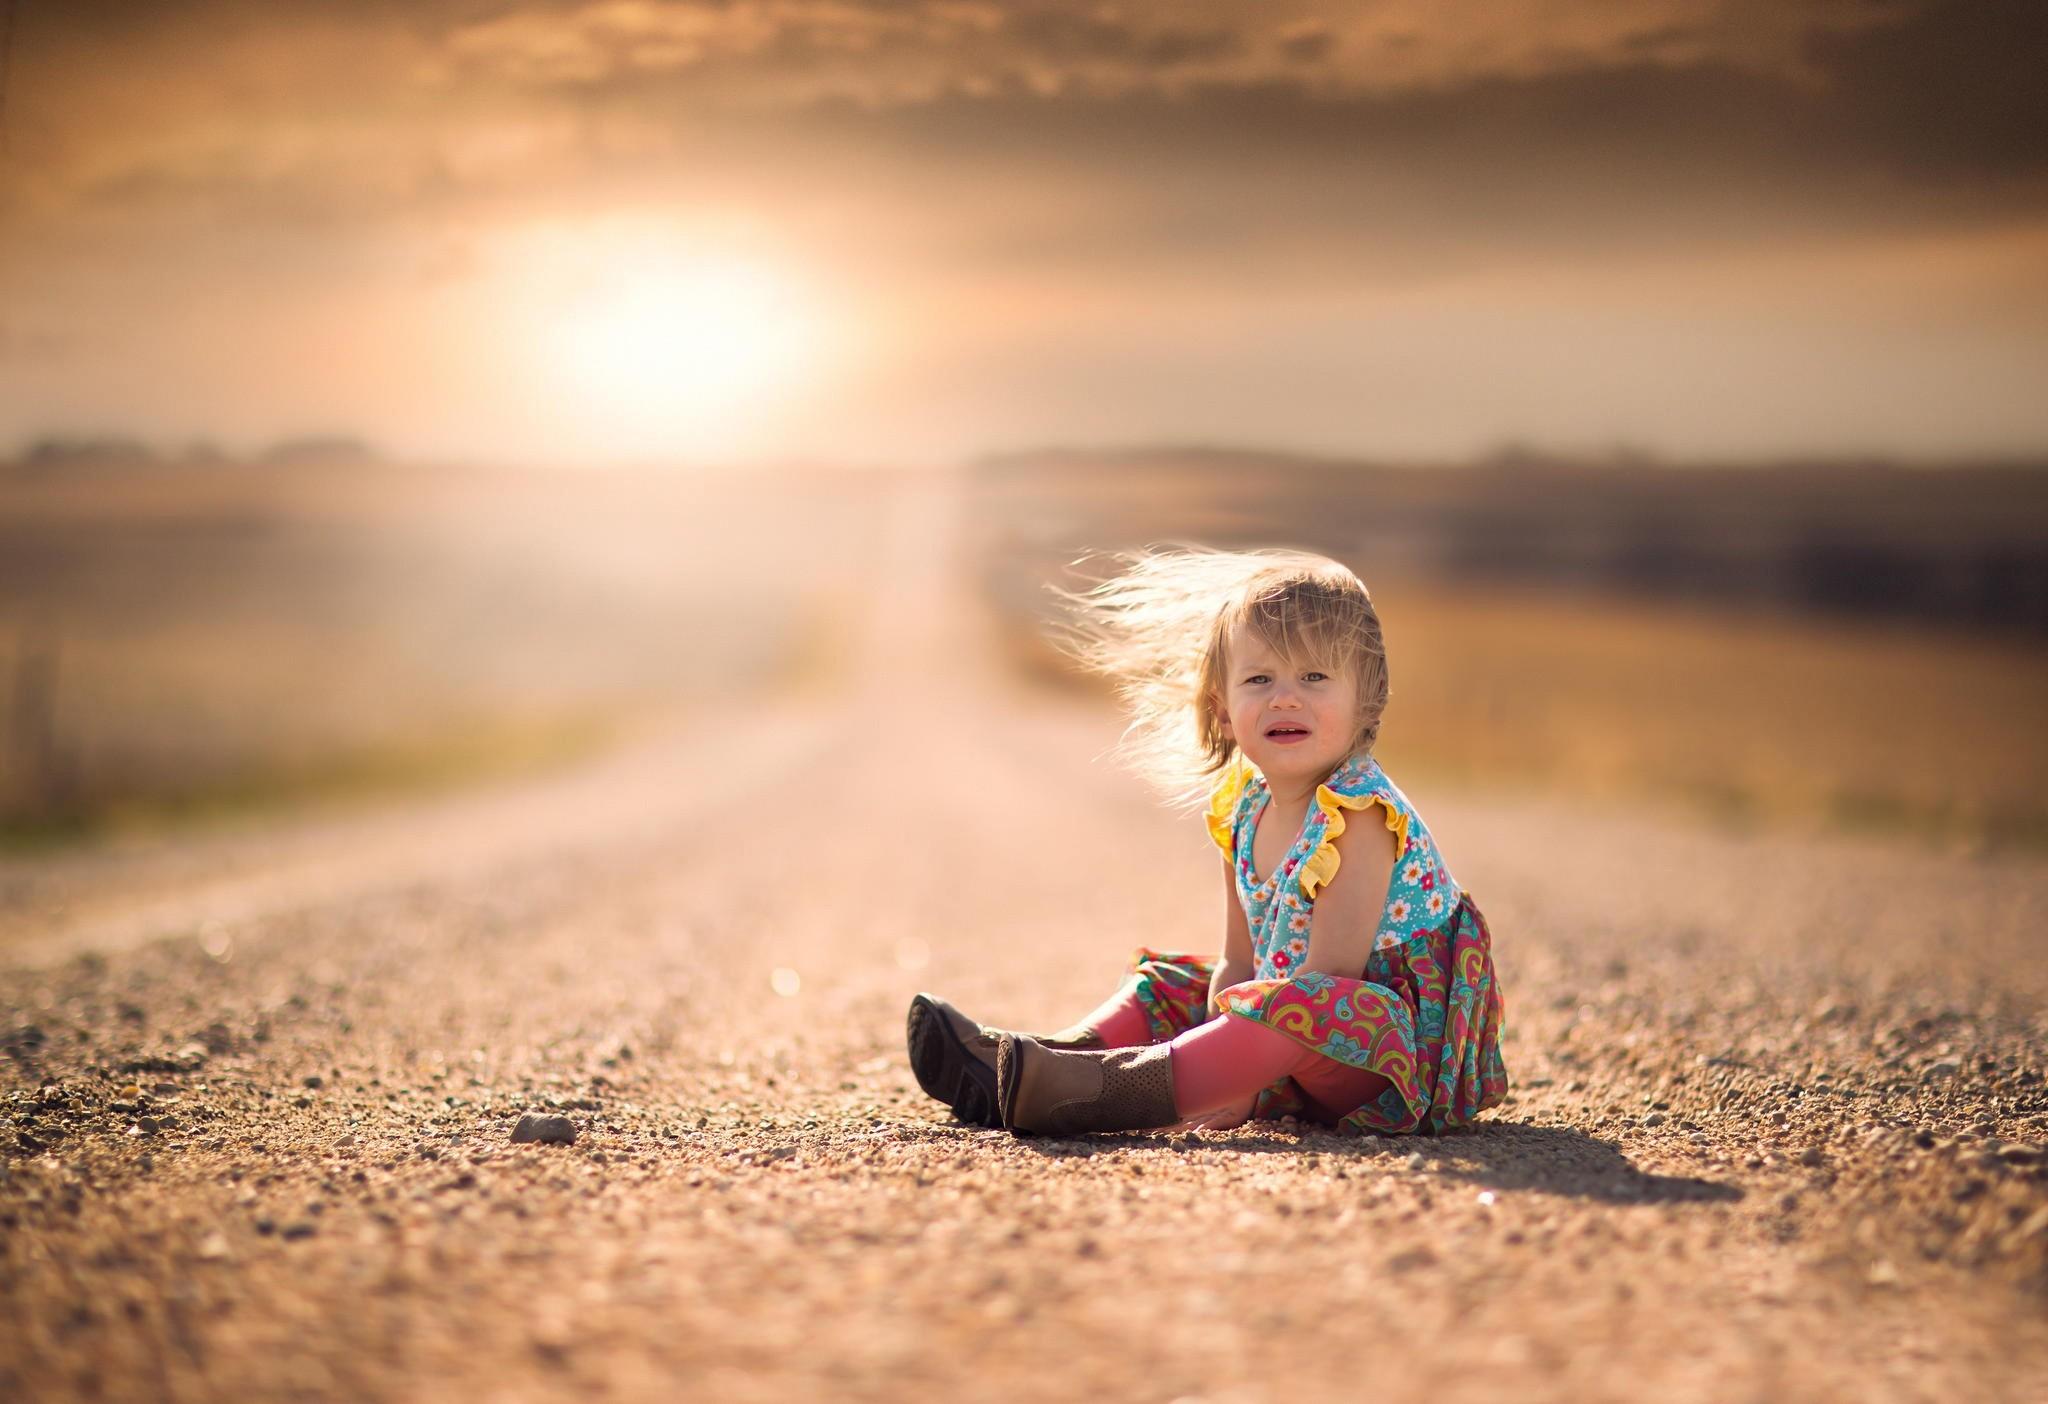 появления картинки детки на дороге каждую